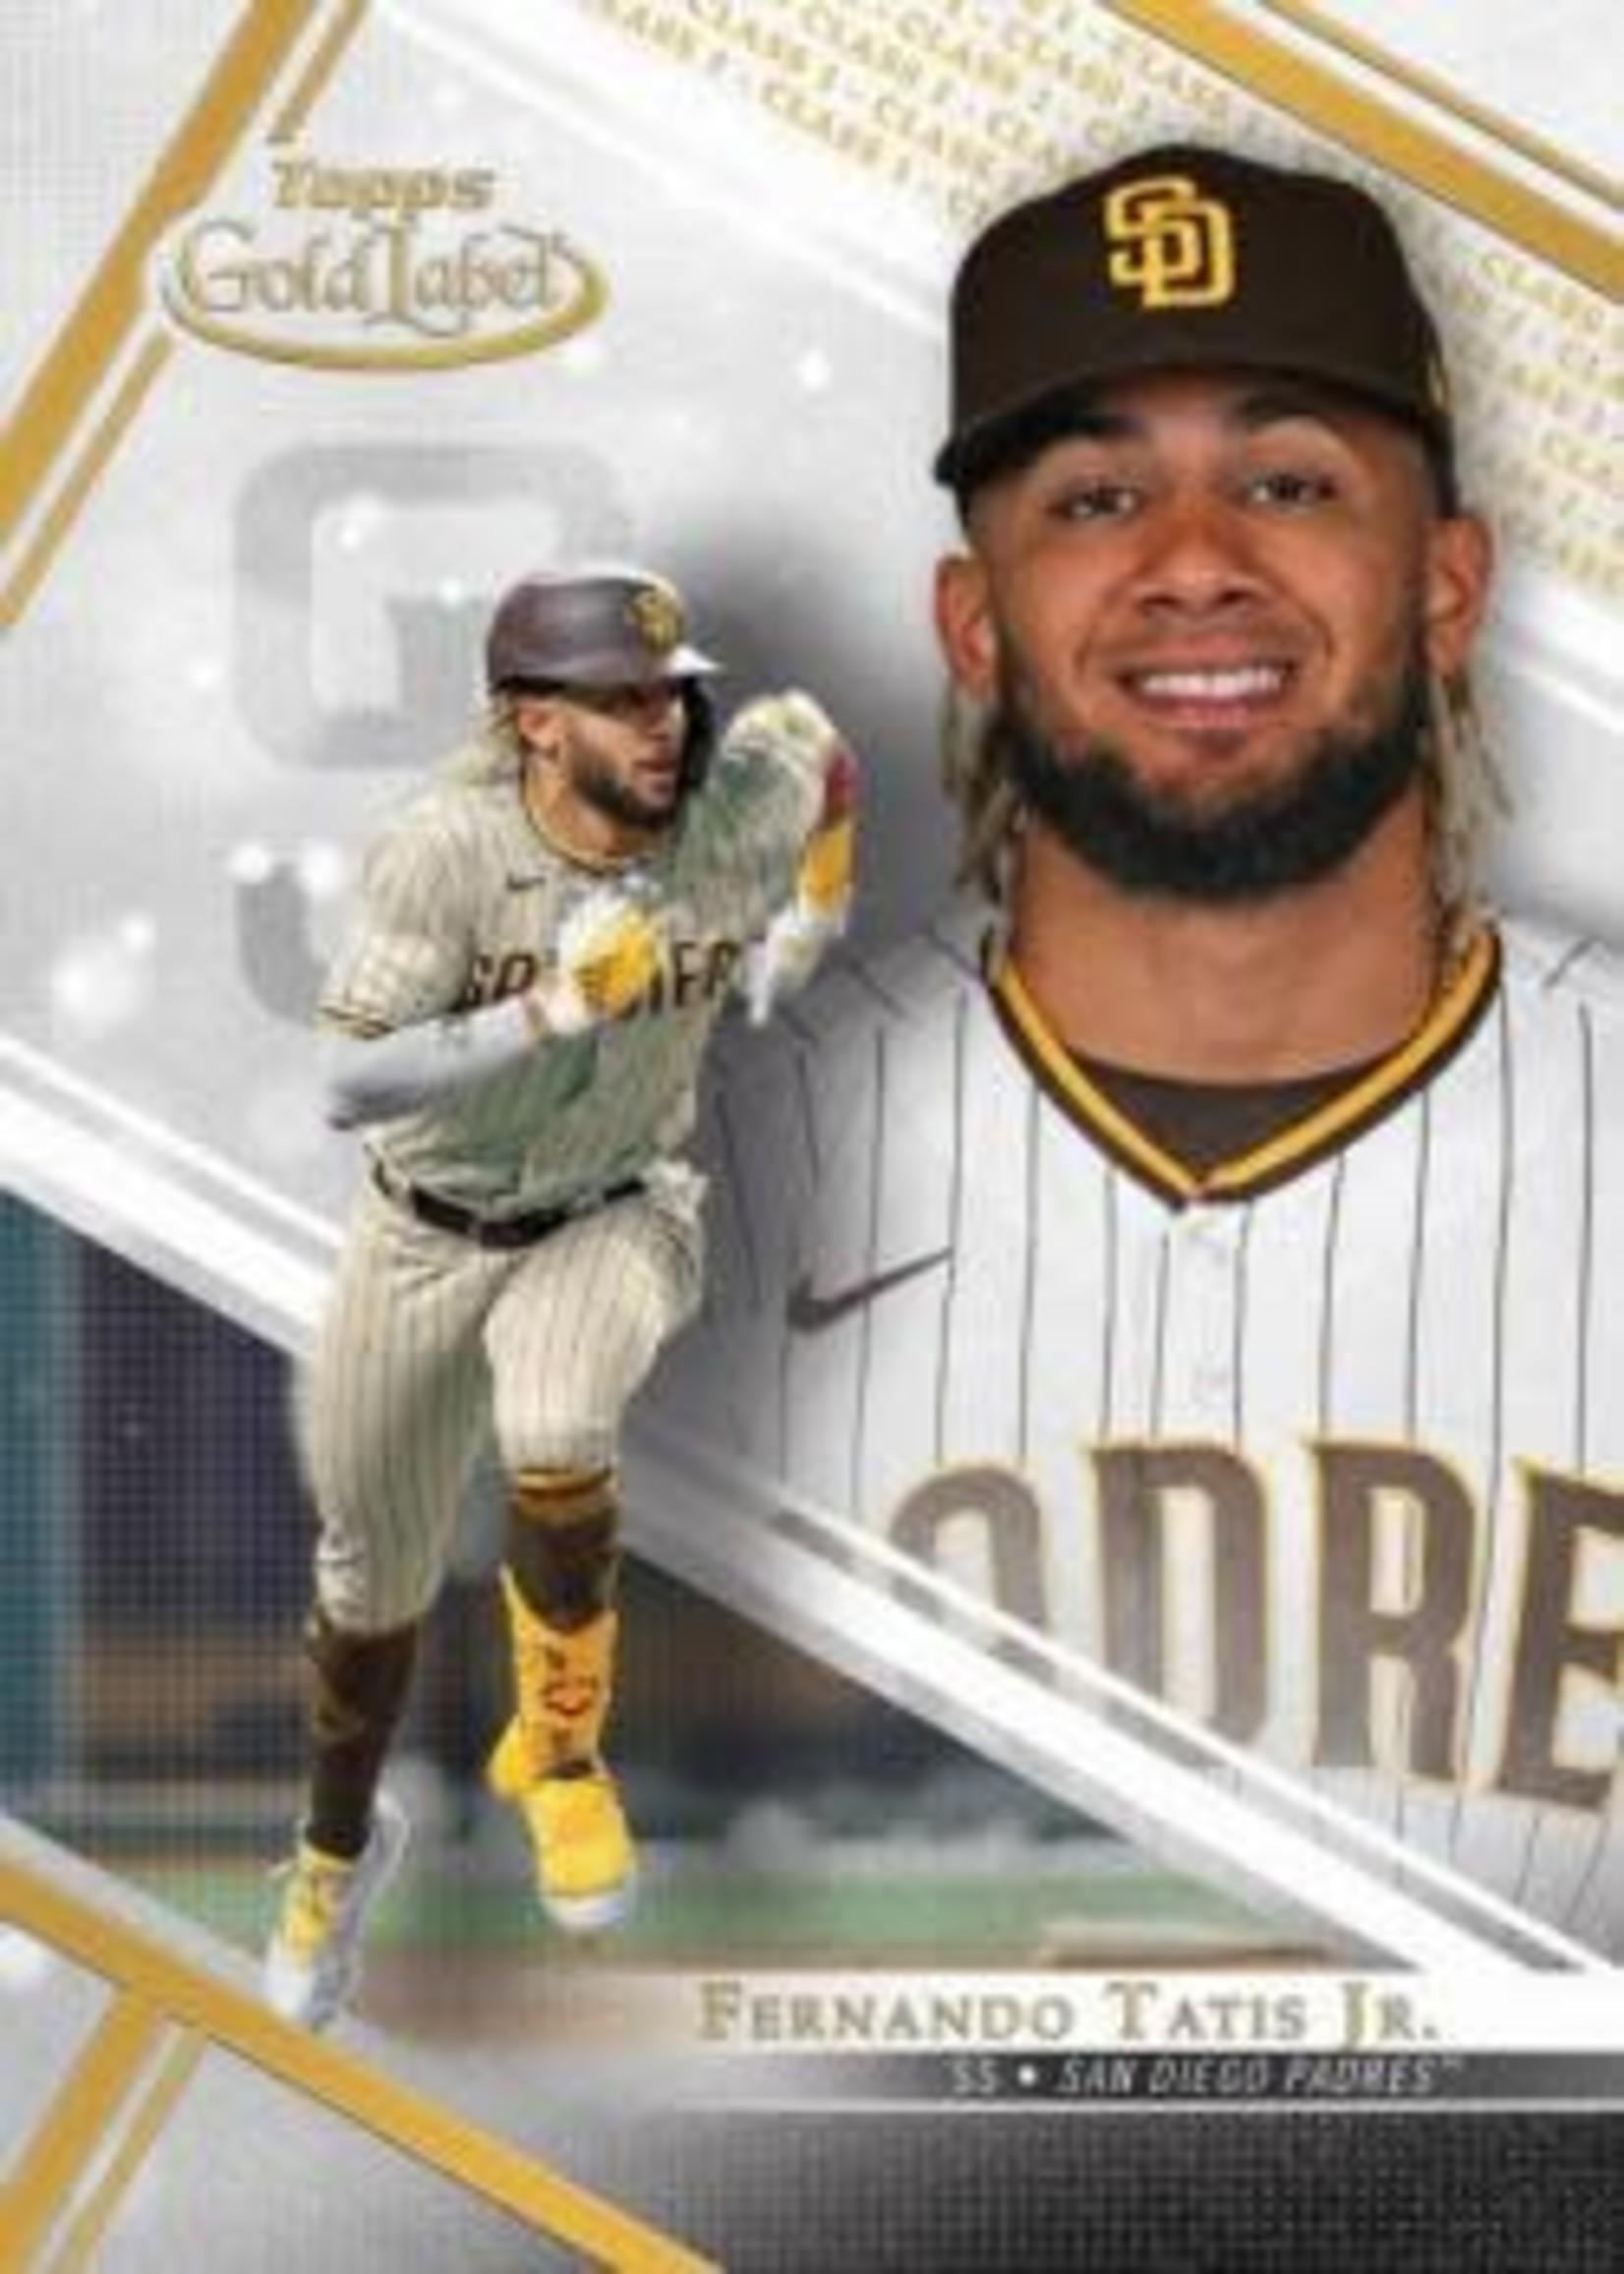 Topps 2021 Topps Gold Label Baseball